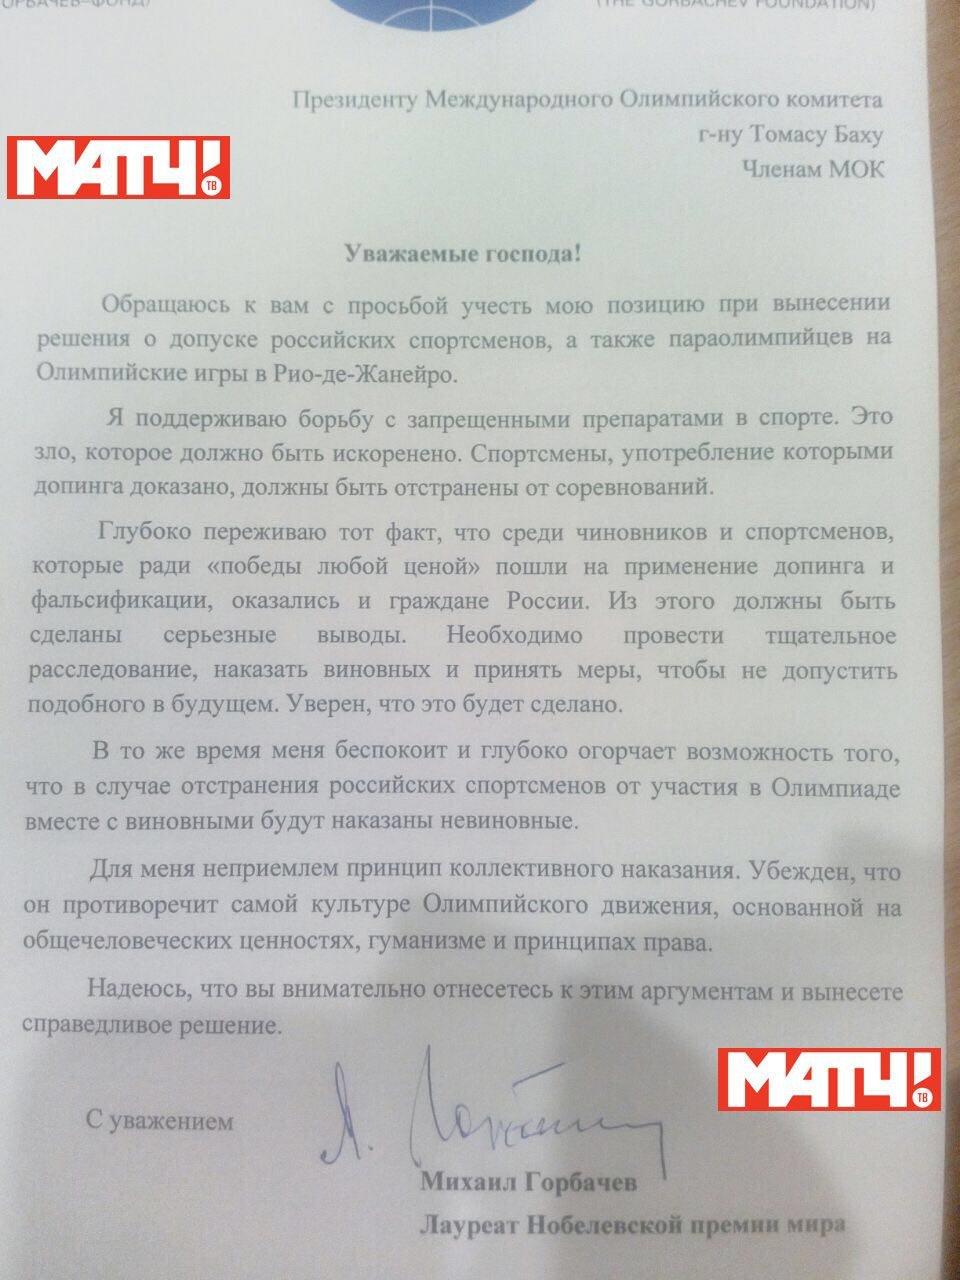 Михаил Горбачев обратился с письмом к президенту МОК Томасу Баху